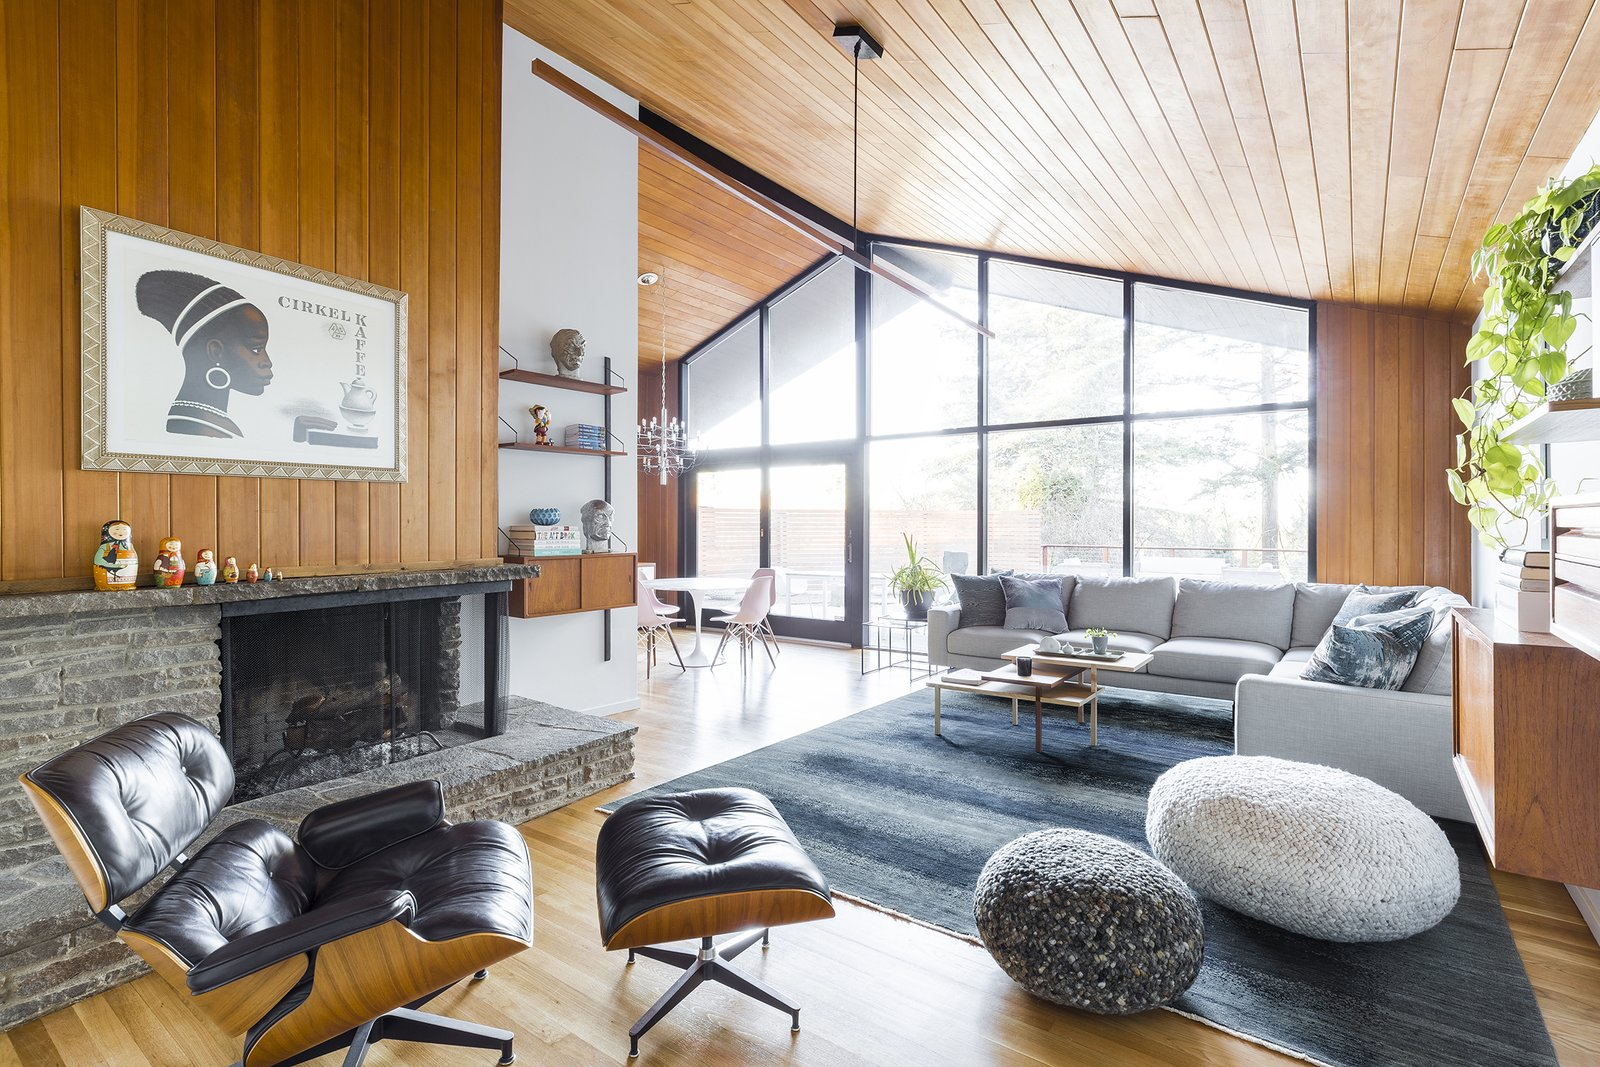 7 desain interior mid-century modern